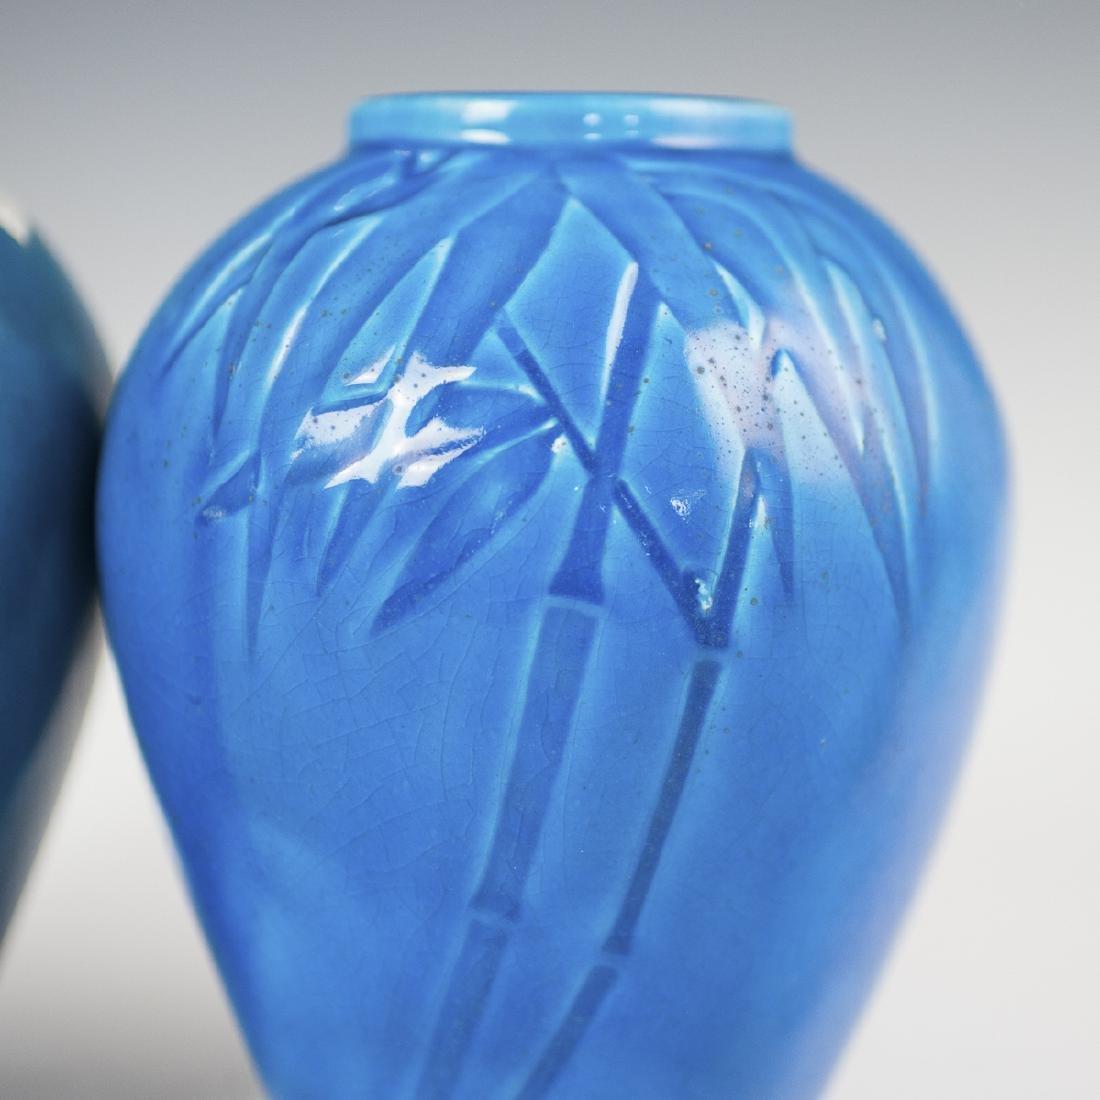 Chinese Turquoise Glazed Porcelain Vases - 2